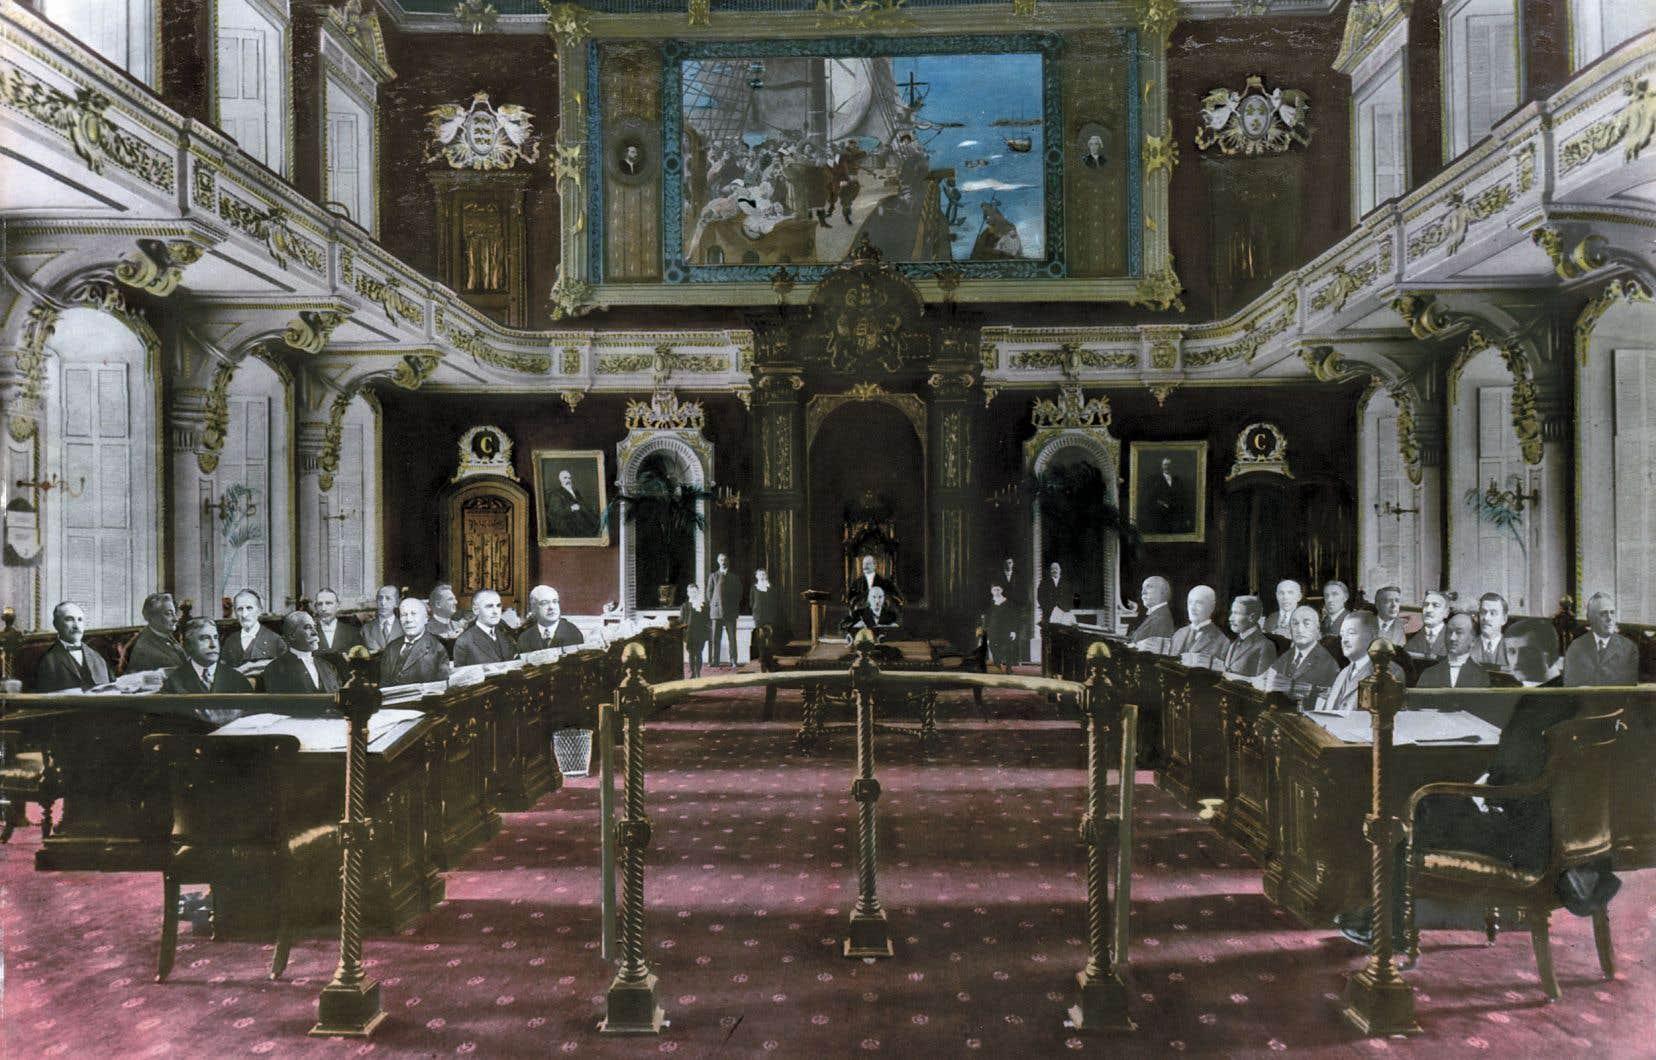 Le Québec fut la dernière province à démanteler son «Sénat» en 1968, 40 ans après la Nouvelle-Écosse. Sur ce photomontage réalisé en 1928, on aperçoit les 24 conseillers législatifs québécois dans l'enceinte du Salon rouge. Il a été réalisé à l'aide de la technique du photoplan, qui permet d'immortaliser un groupe dispersé dans une vaste enceinte tout en conservant l'homogénéité de l'exposition. C'était la forme que prenaient les mosaïques du Parlement à l'époque.